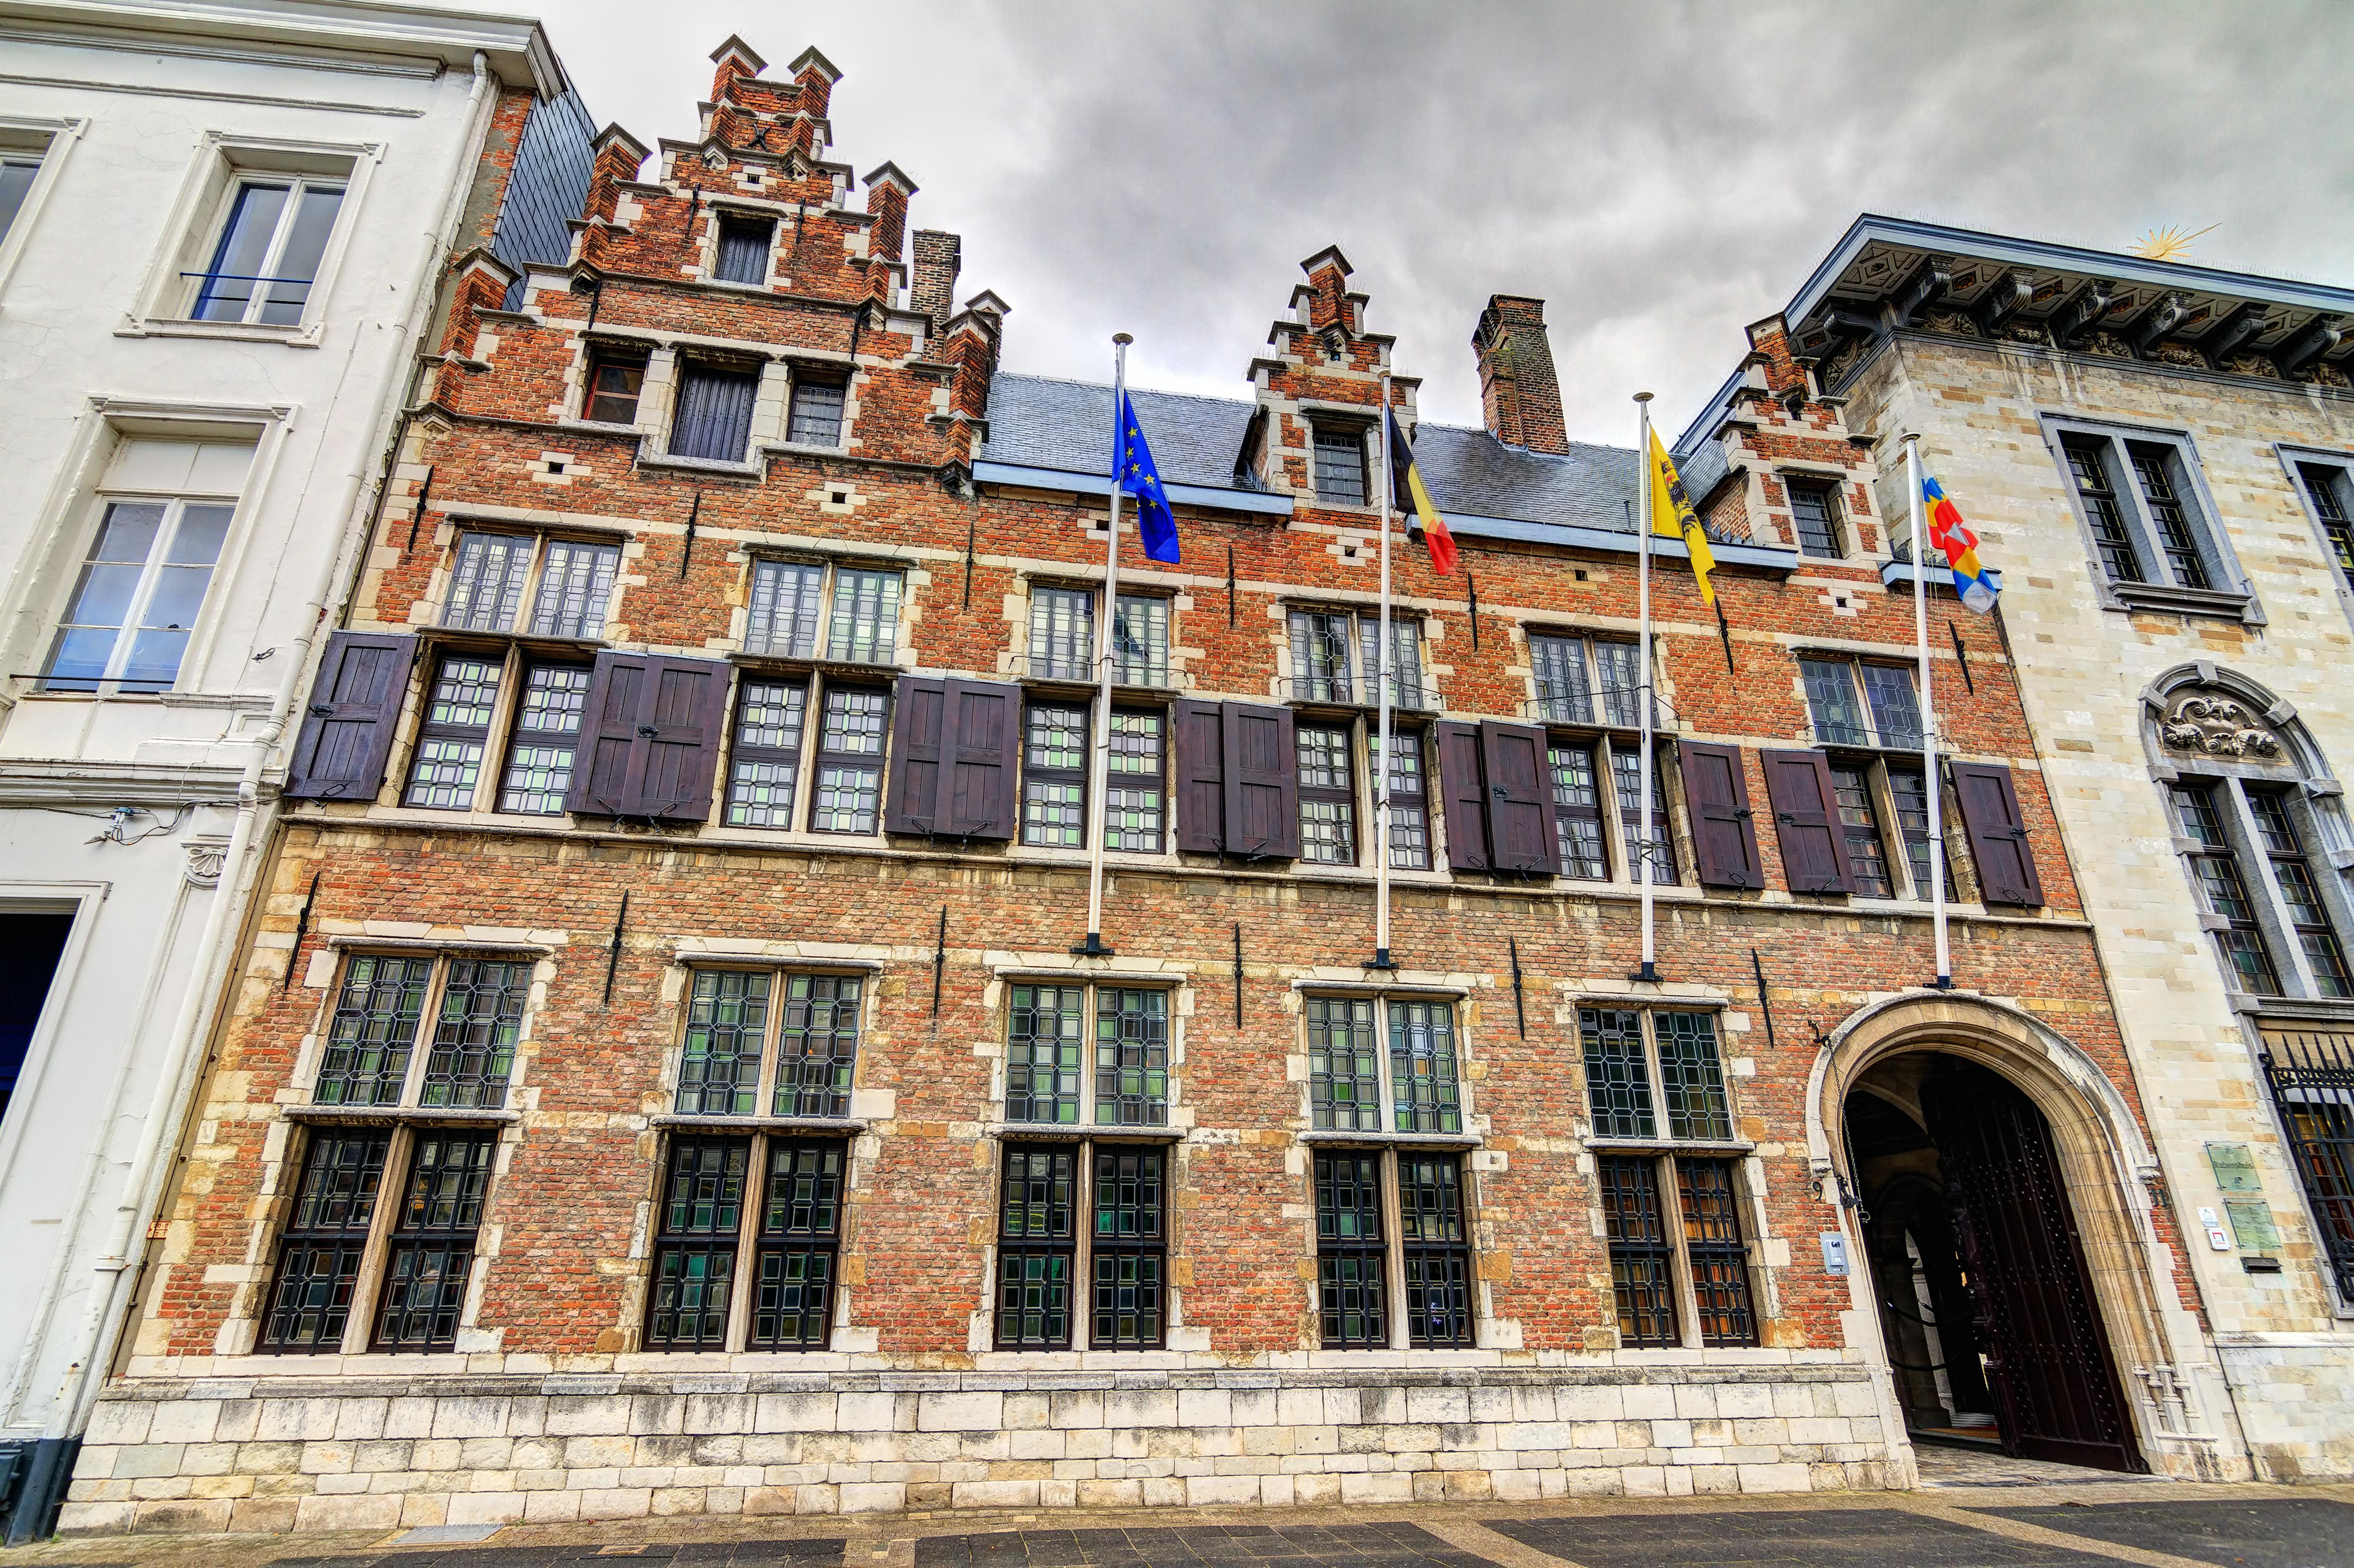 La impresionante casa museo donde Rubens vivió y trabajó durante 29 años - Holanda Circuito Ámsterdam y Flandes